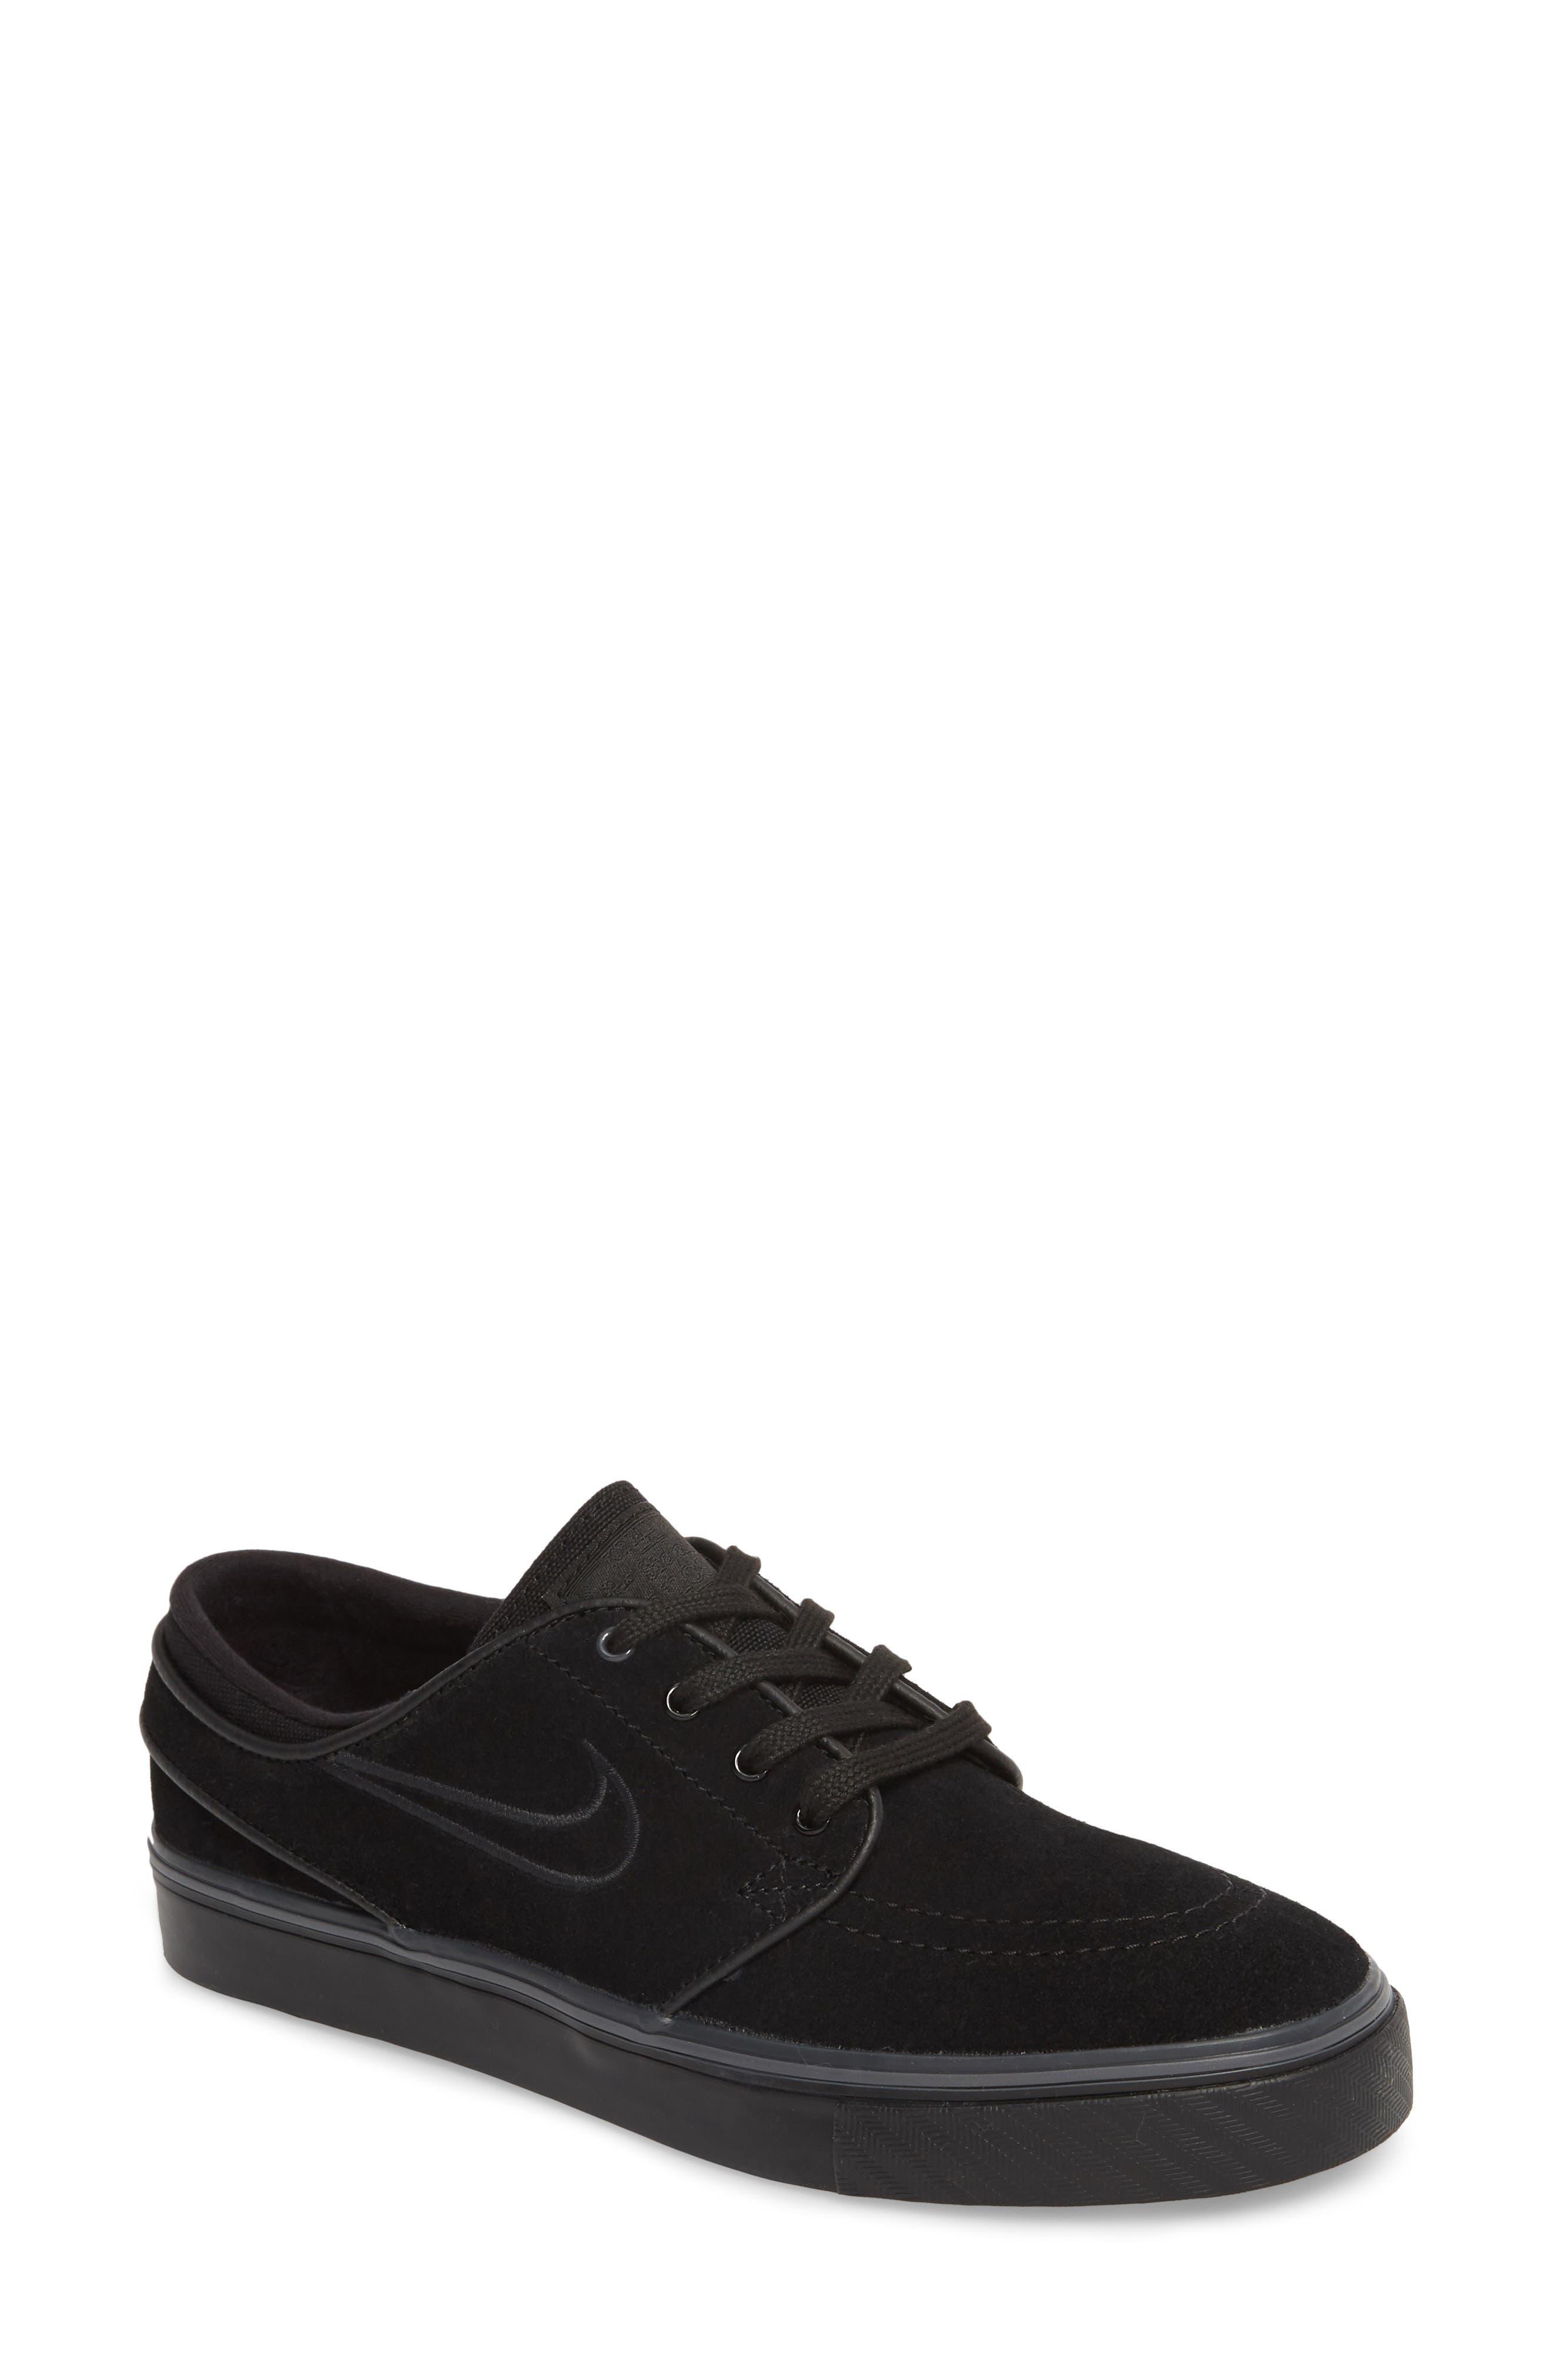 SB Air Zoom Stefan Janoski Skate Sneaker,                         Main,                         color, BLACK/ BLACK/ BLACK